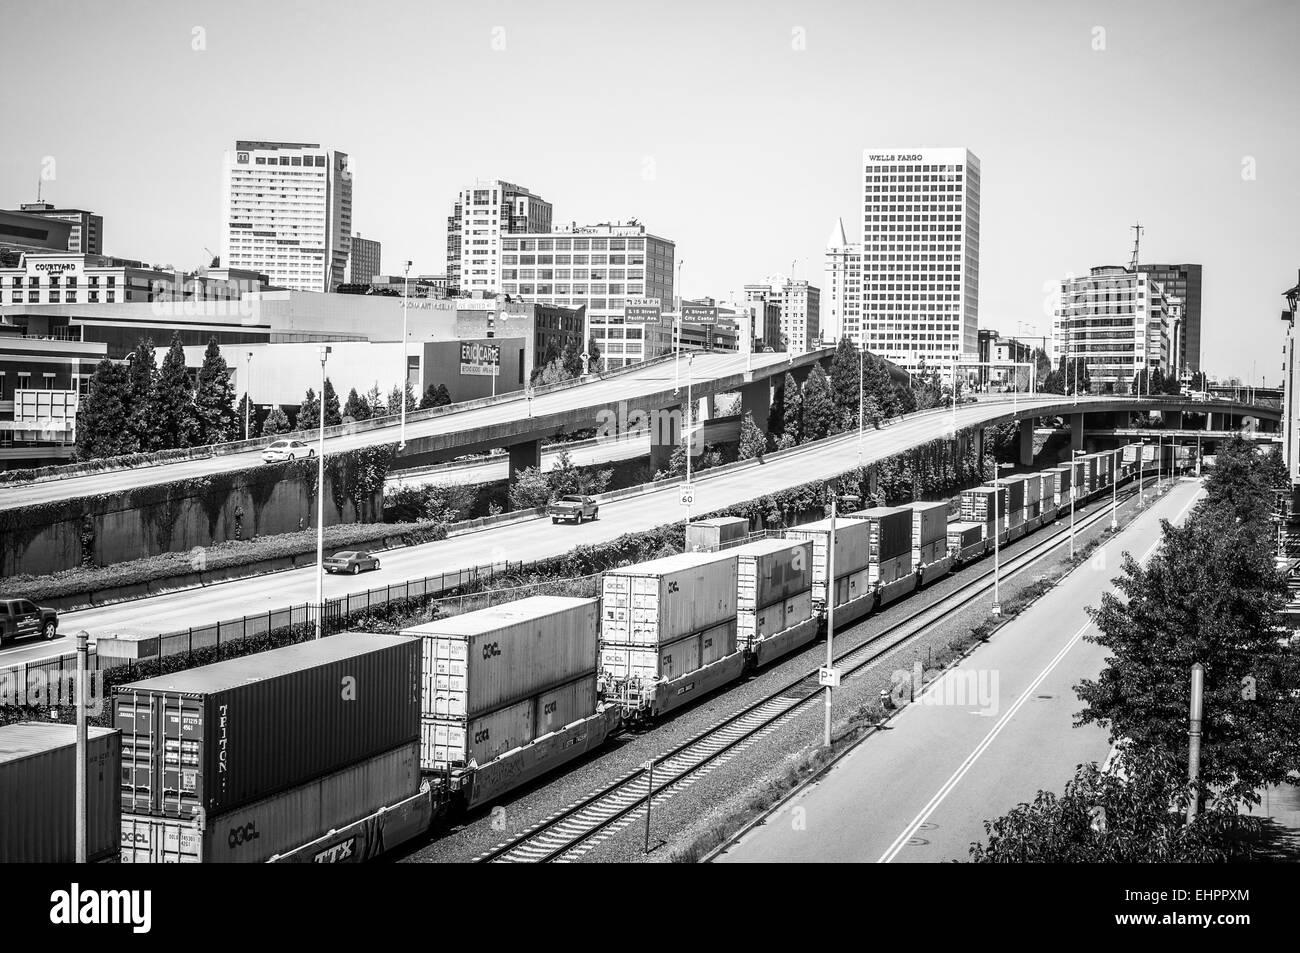 Timeless immagine in bianco e nero di trasporto tramite ferrovia e strade negli Stati Uniti. B&W Immagini Stock